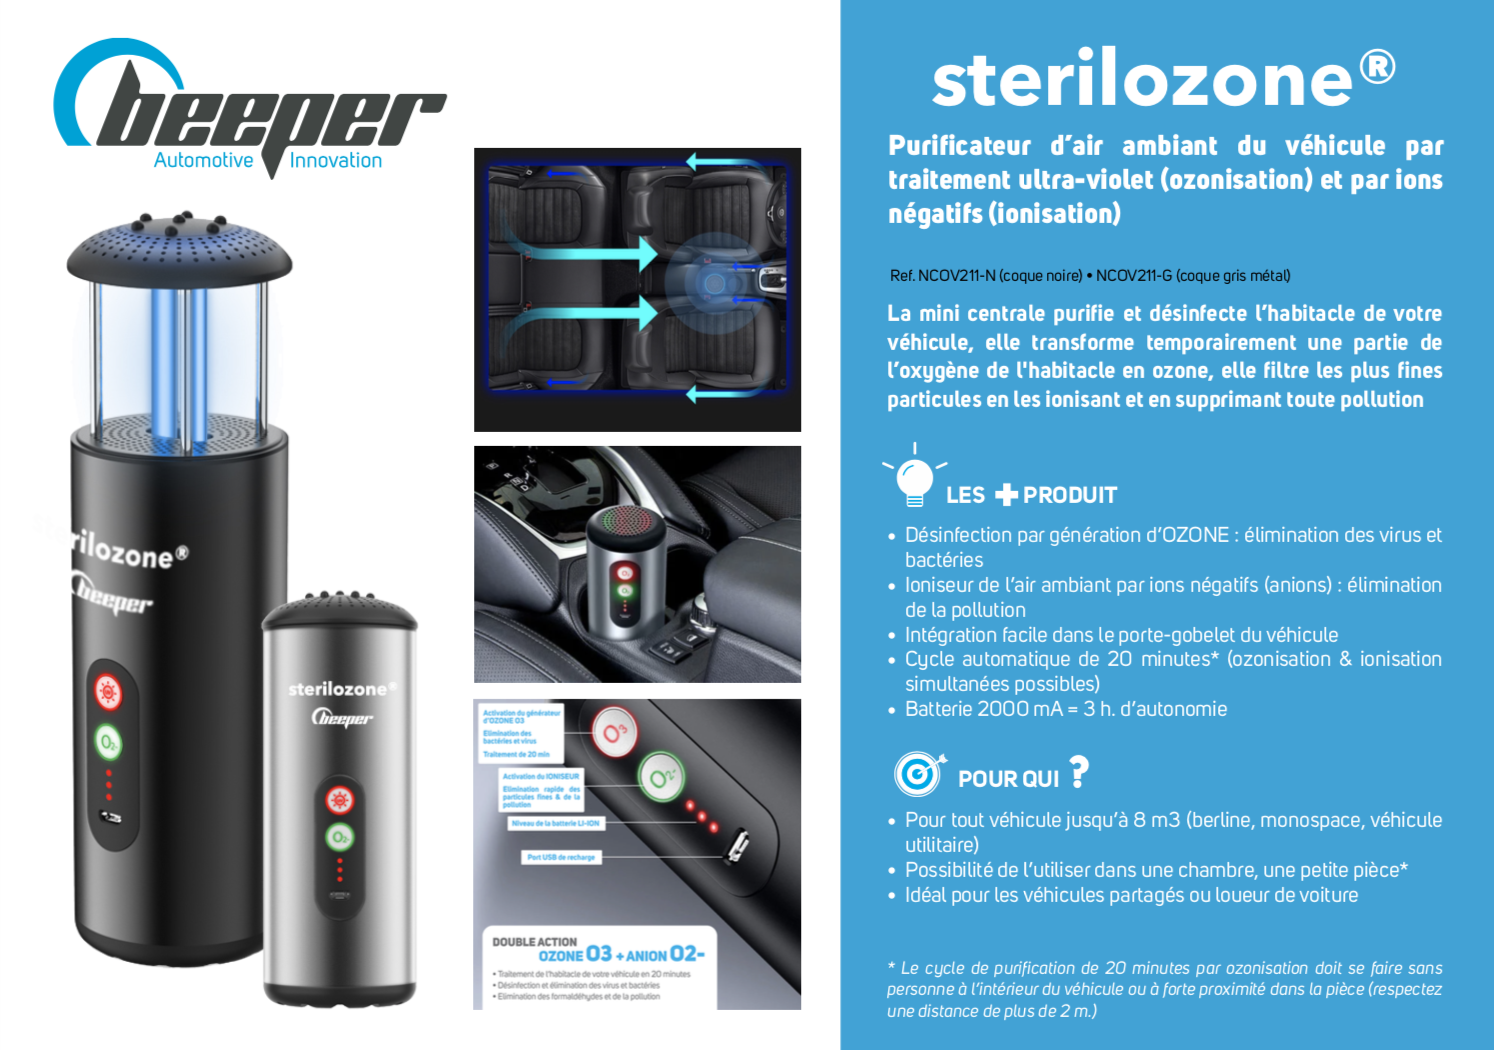 Sterilozone - Purificateur d'air & désinfection pour véhicule